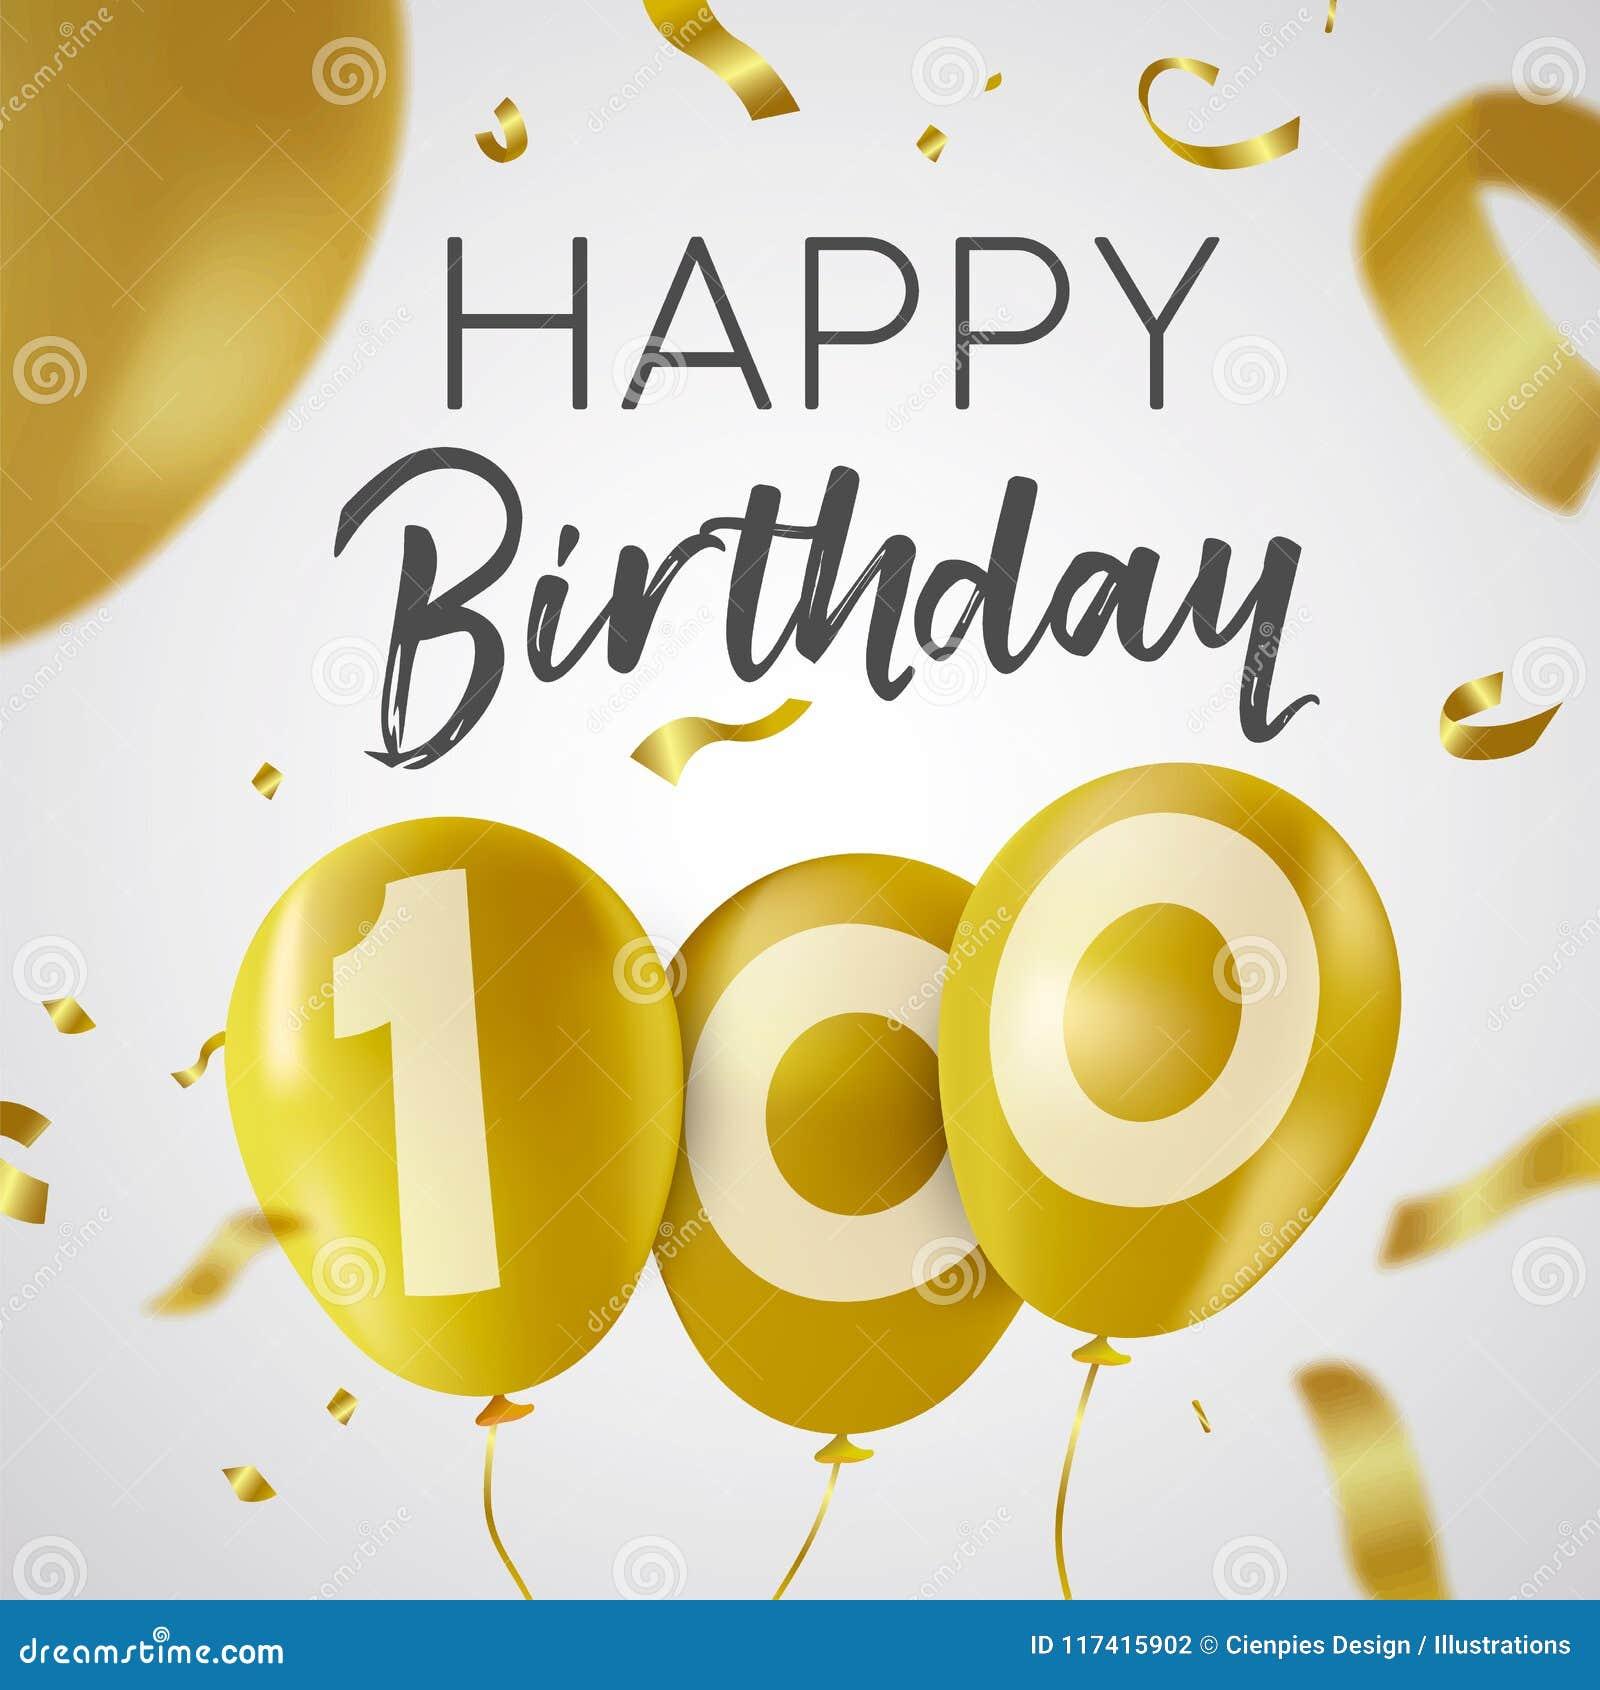 Feliz aniversario 100 cem cartões do balão do ouro do ano